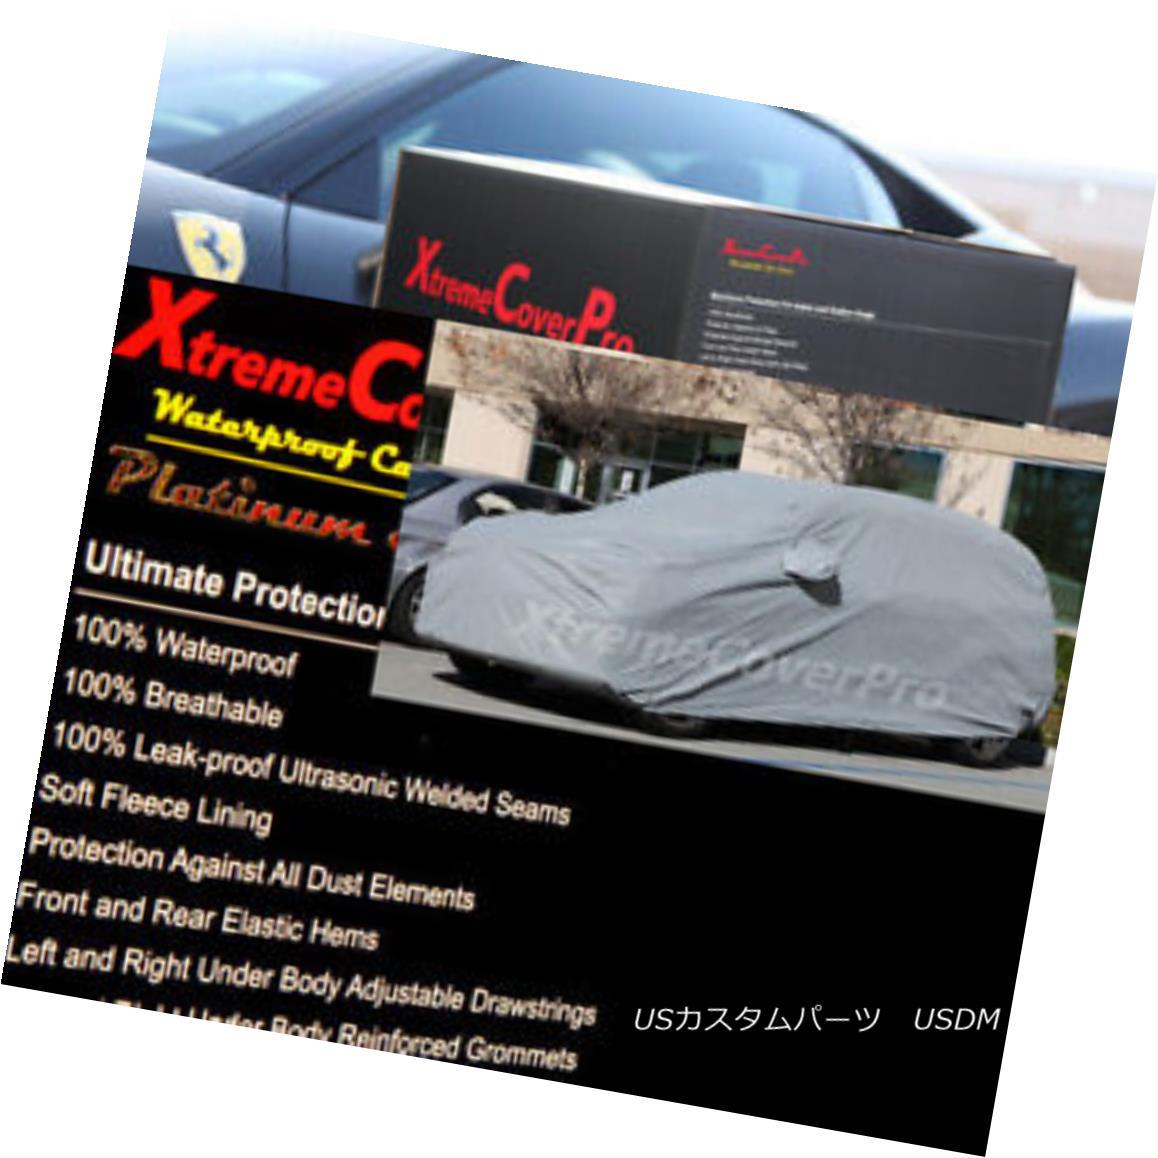 カーカバー 2009 2010 Dodge Journey Waterproof Car Cover w/MirrorPocket 2009年のDodge Journey防水カーカバー付きMirrorPocket